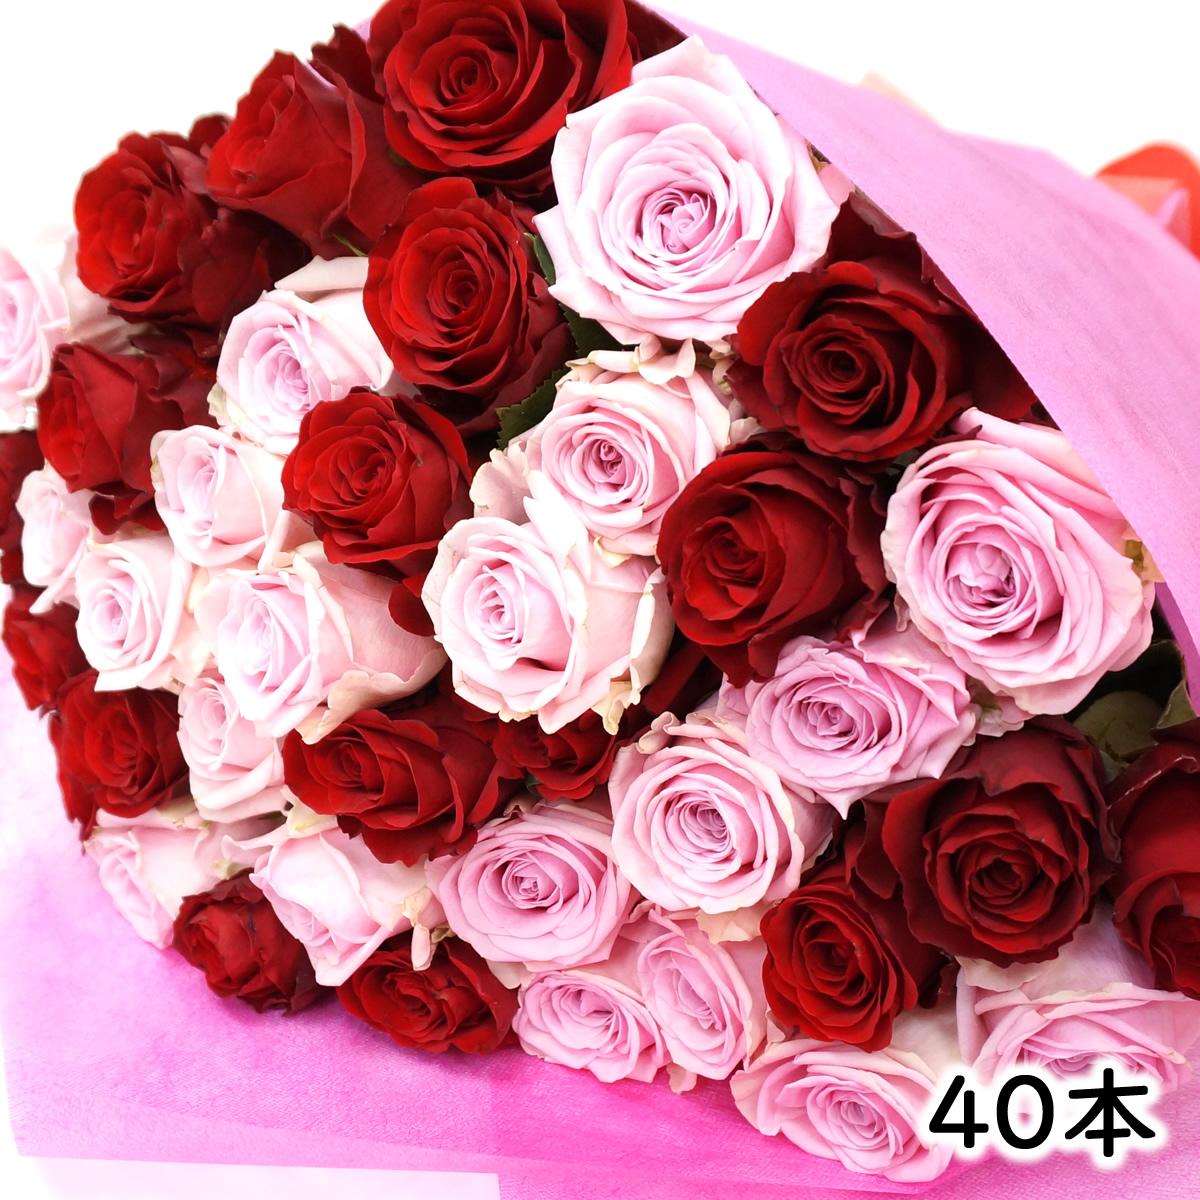 花門フラワーゲート バラ花束2色MIX 40本 赤 ピンク 生花/ギフト/プレゼント/贈答/お祝い/記念日/大切な日/バレンタインデー